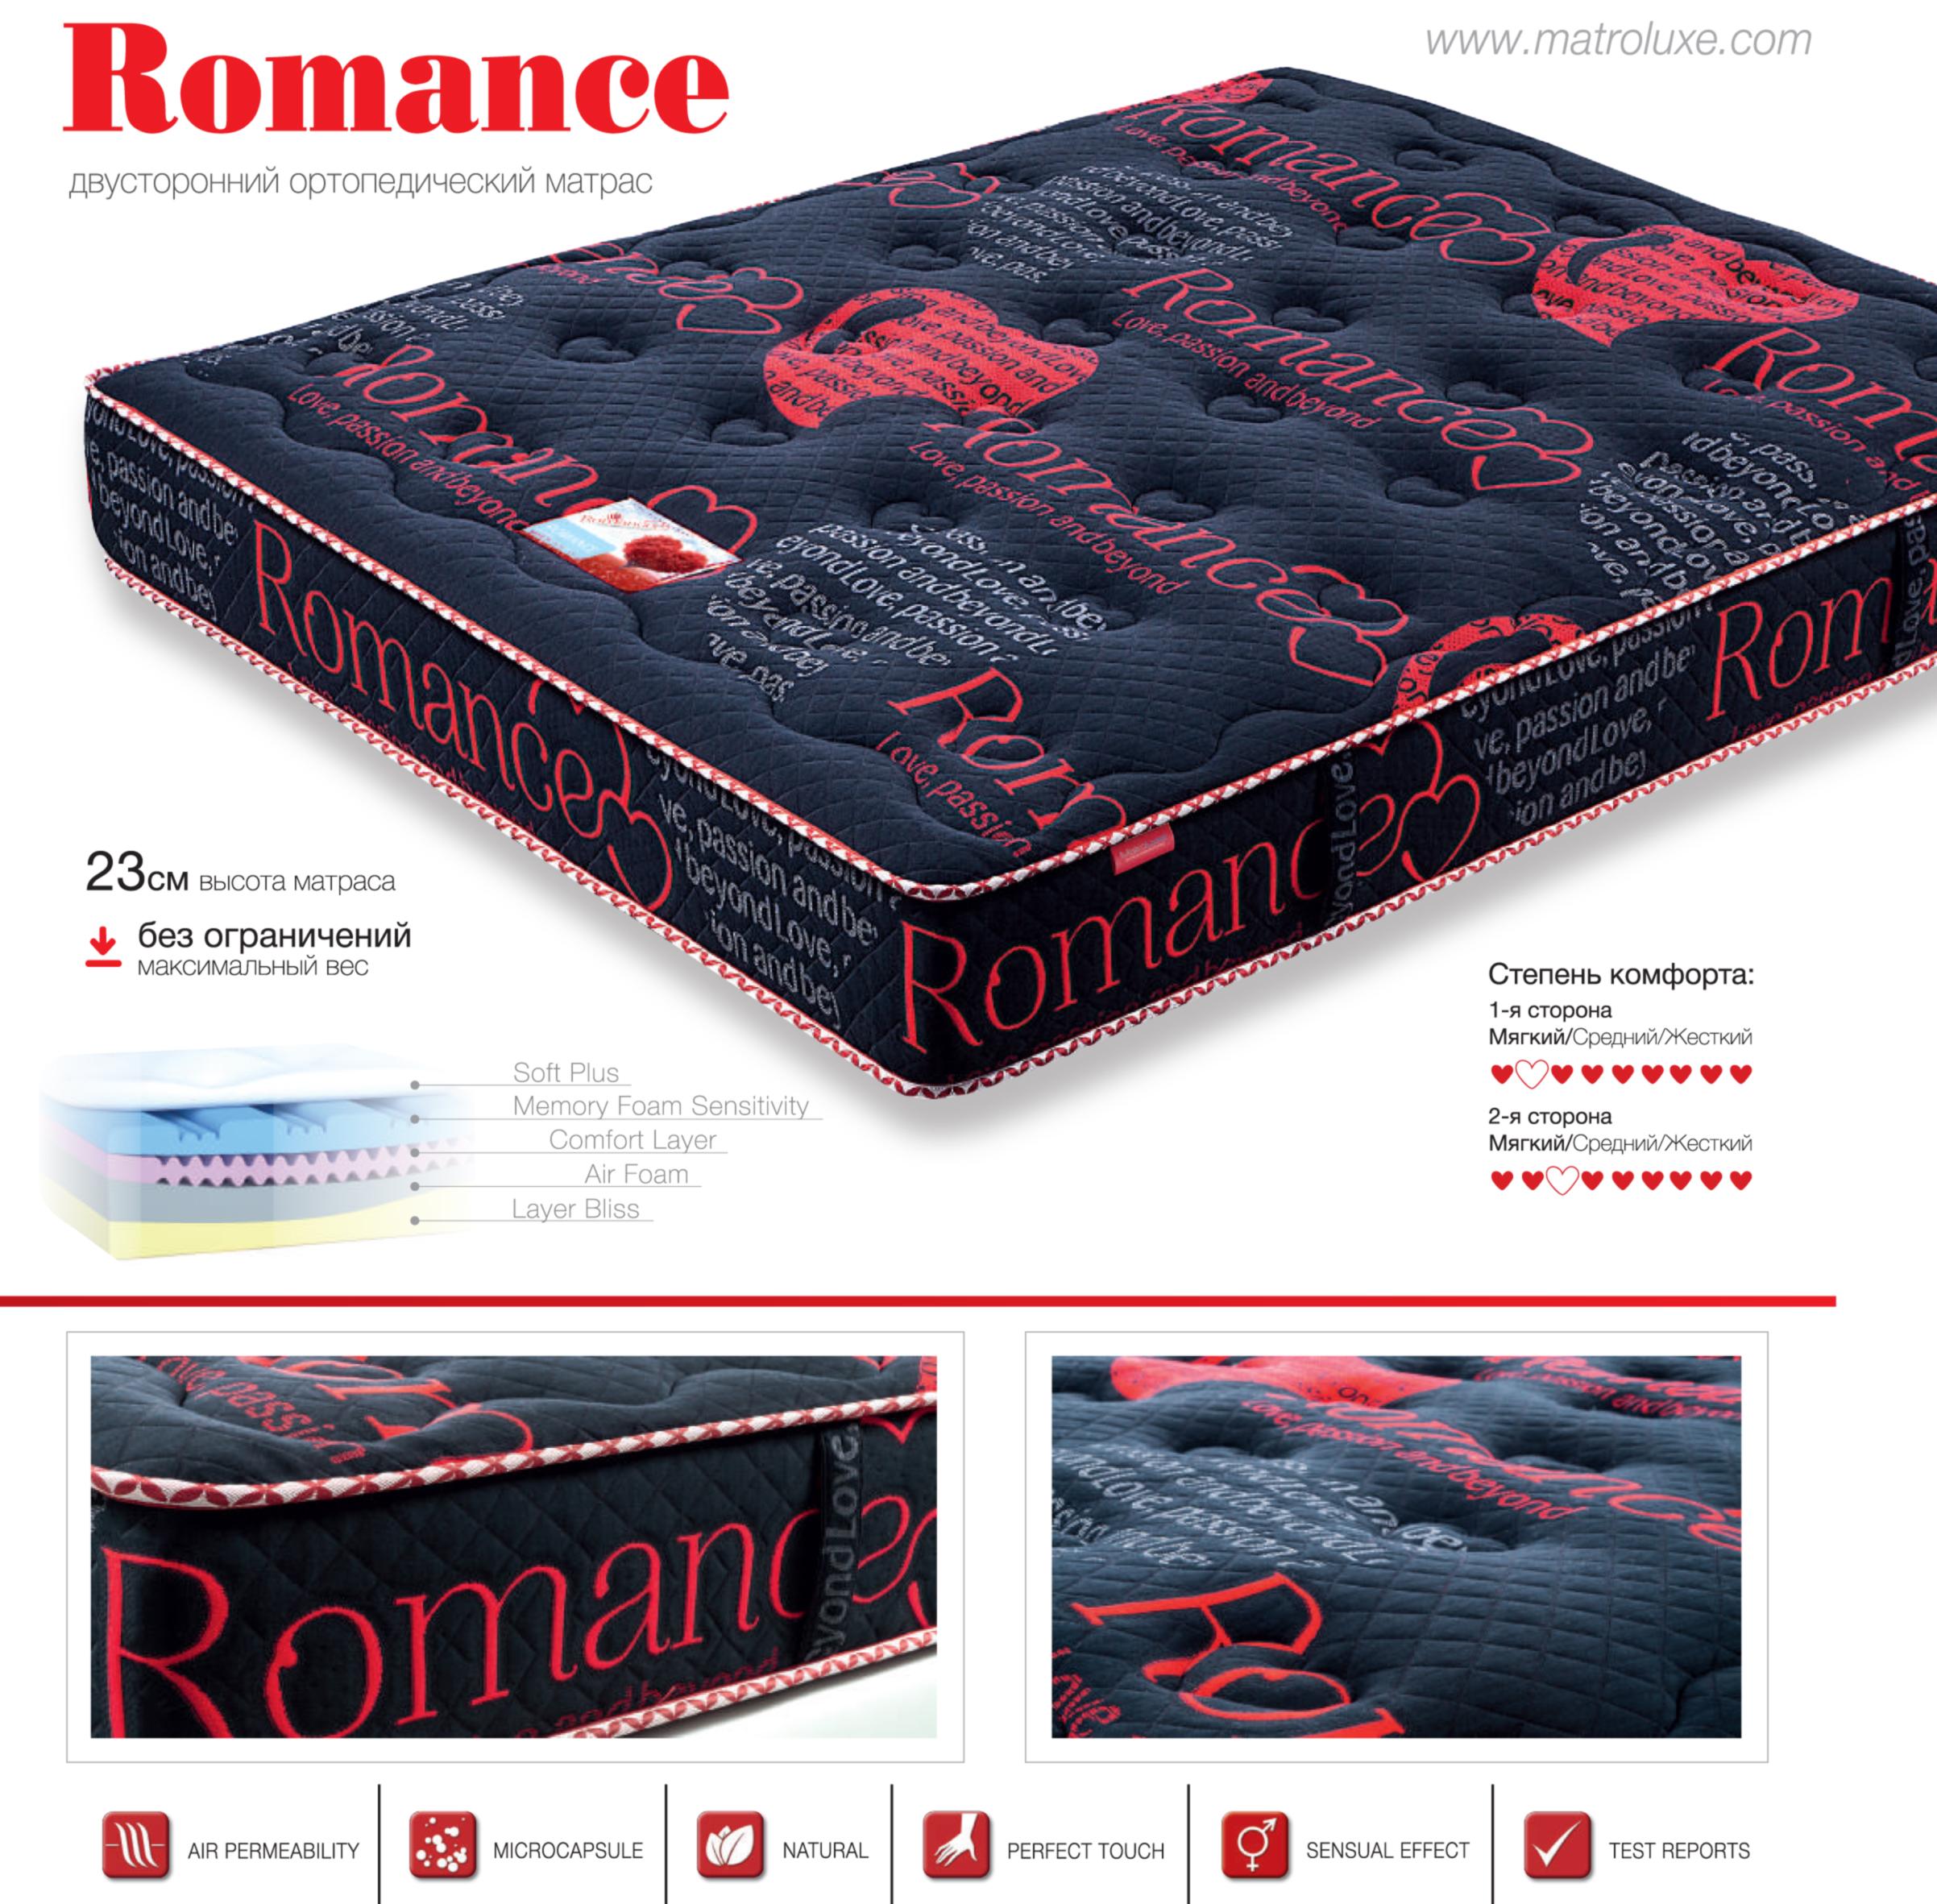 Внешний вид и характеристики матраса Romance